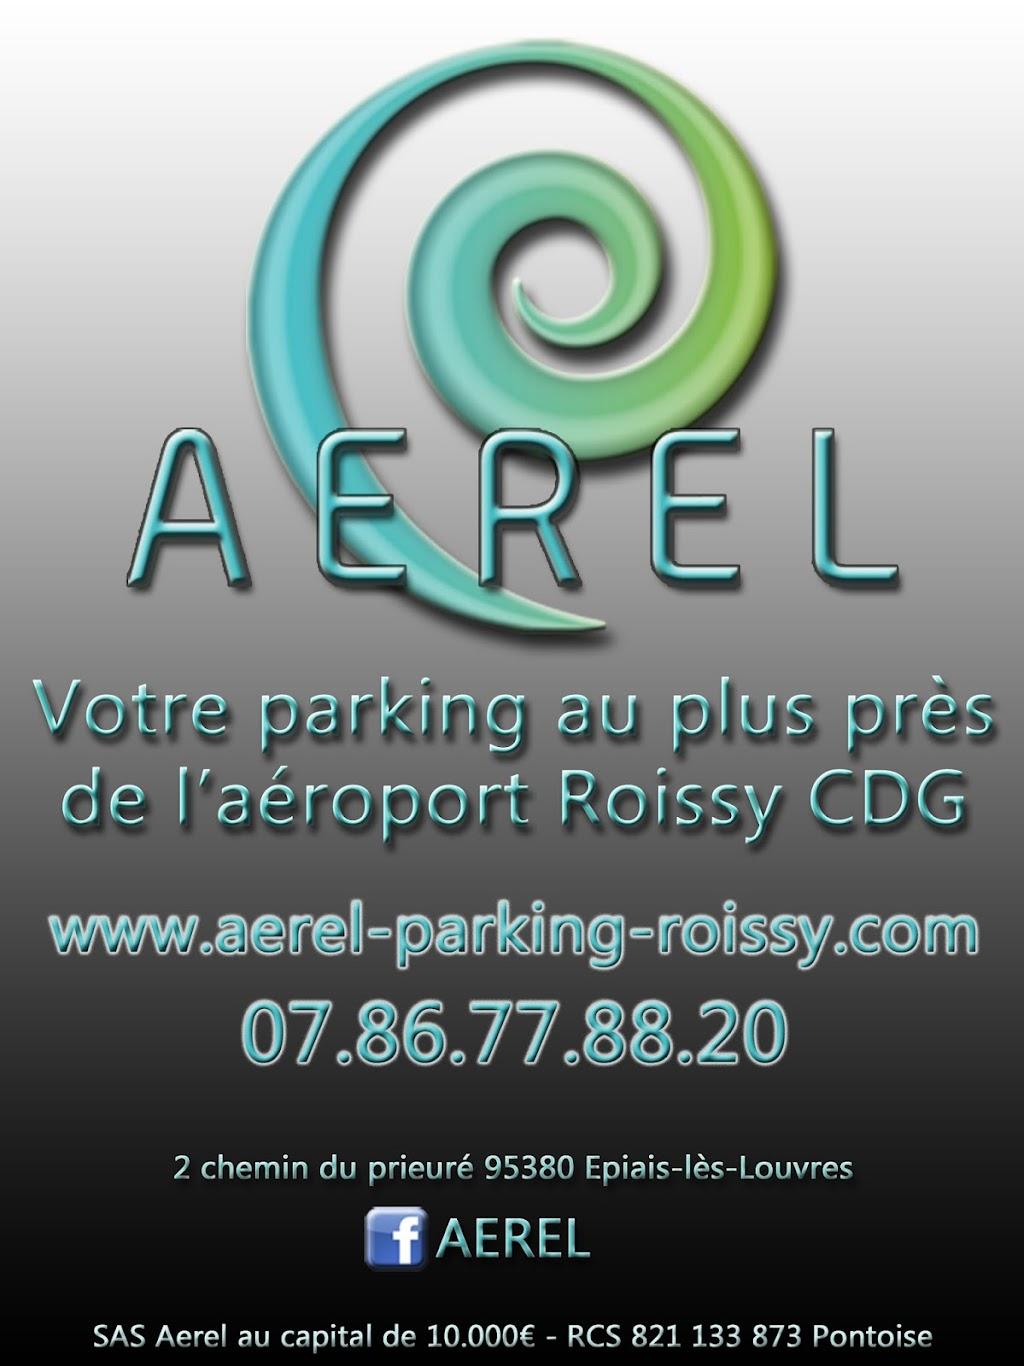 Aerel Parking